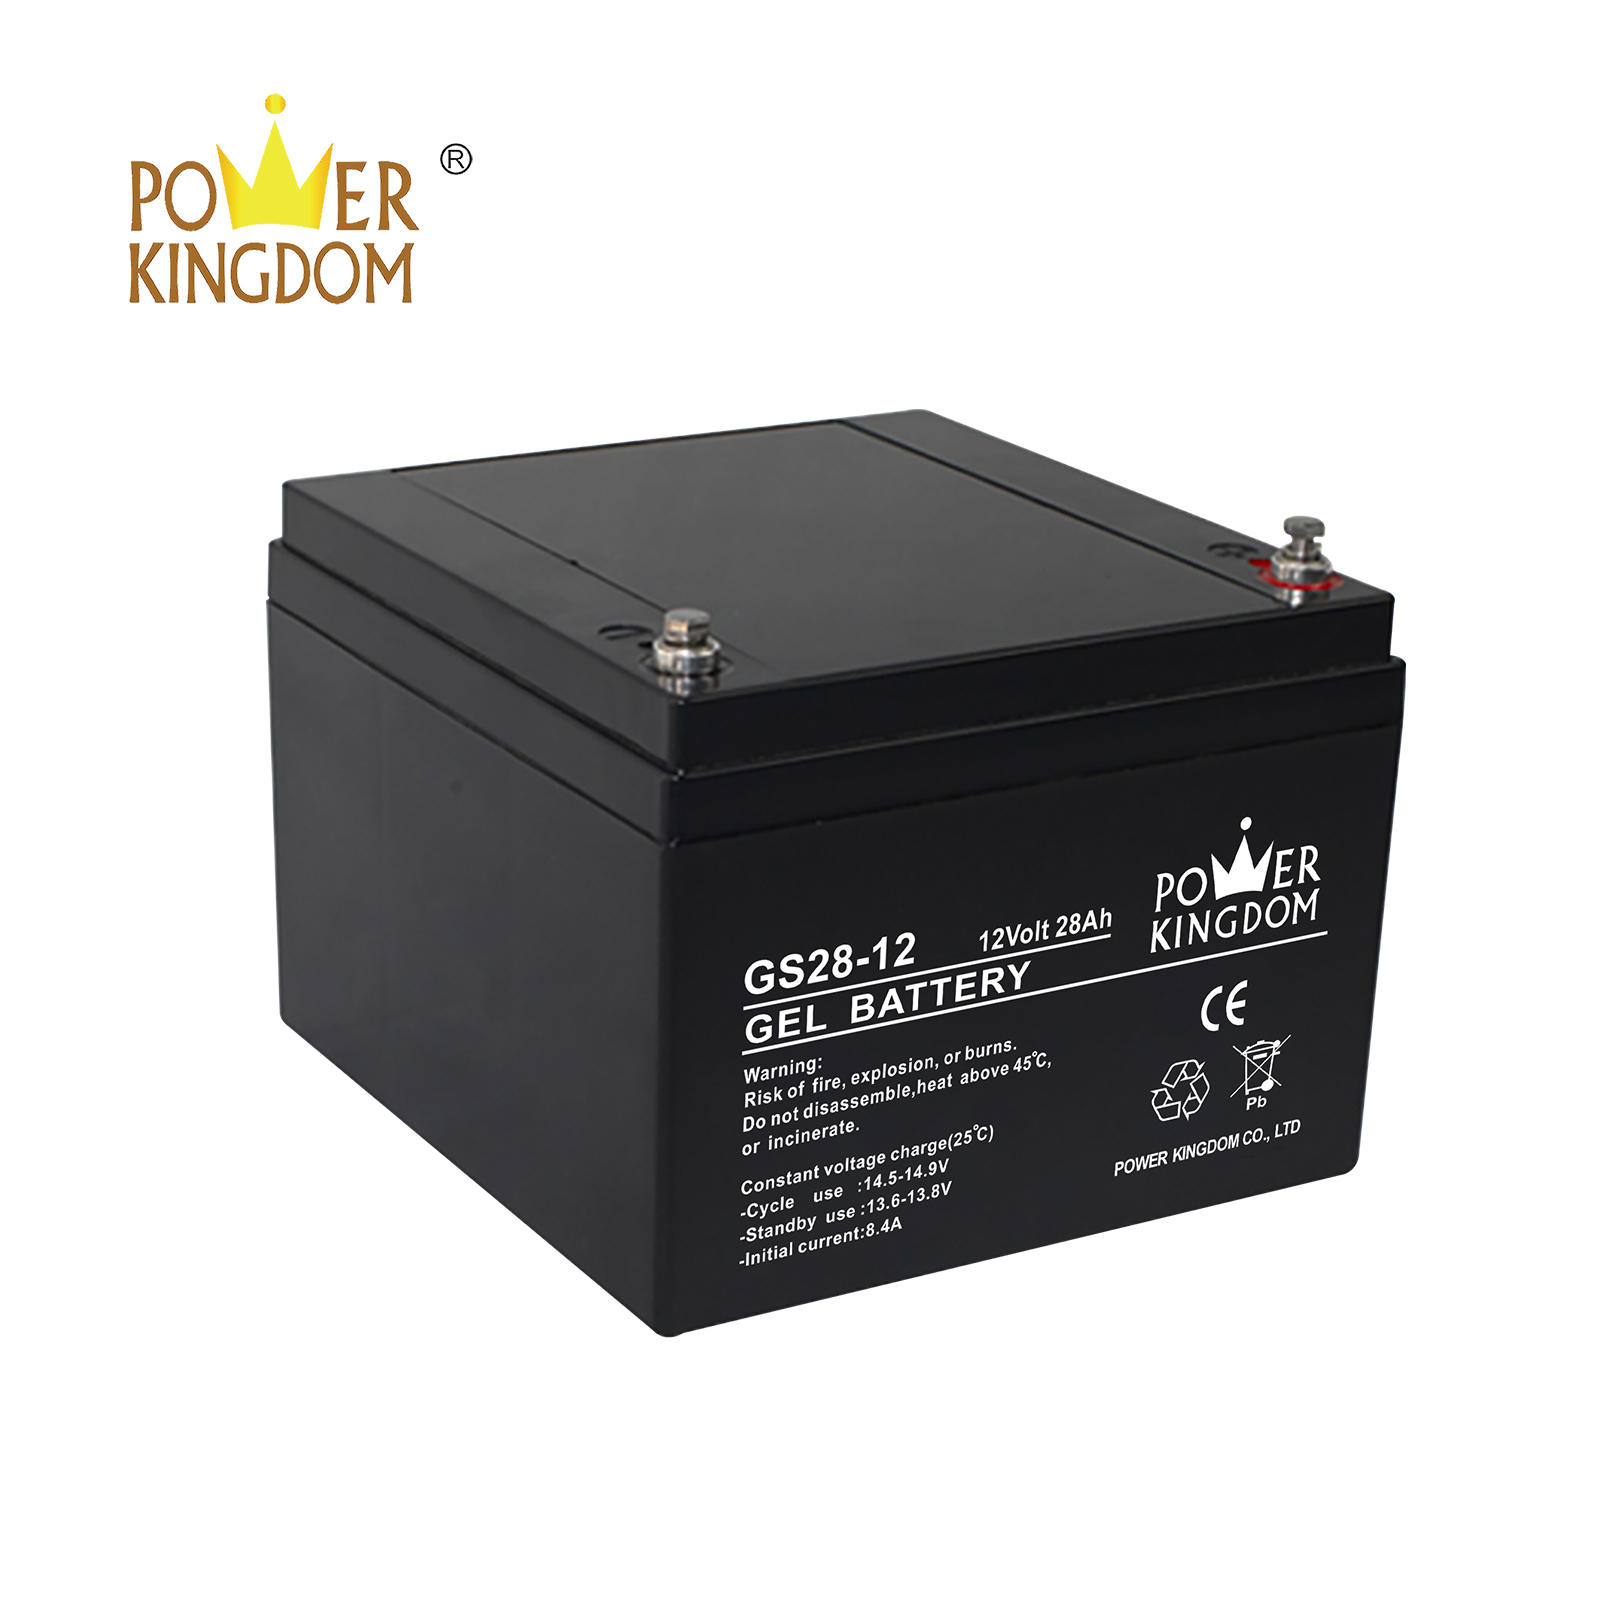 GEL solar battery 12V 28AH VALR battery maintenance free